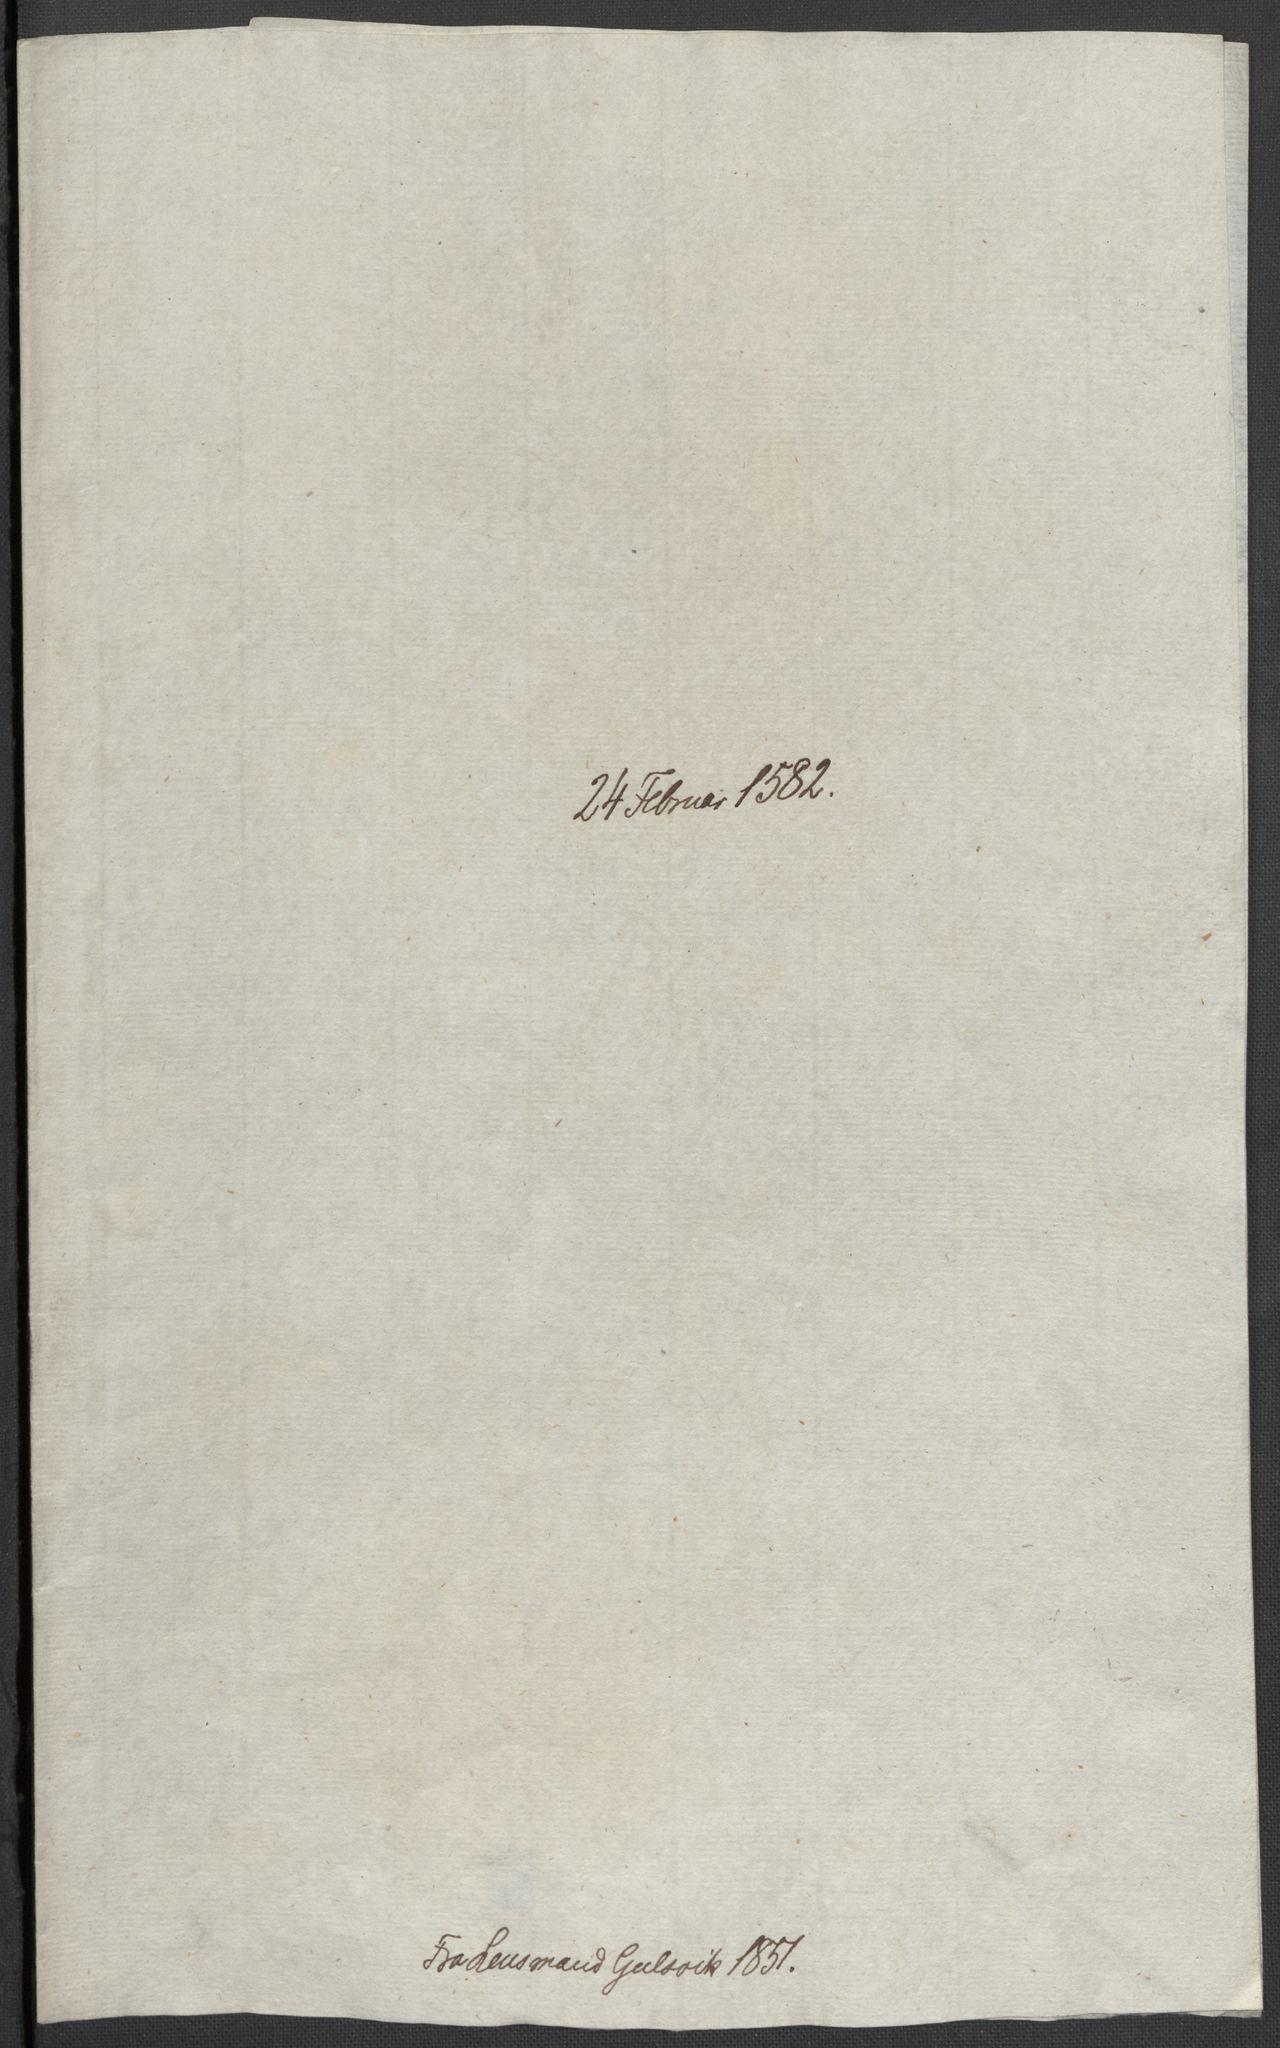 RA, Riksarkivets diplomsamling, F02/L0084: Dokumenter, 1582, s. 11